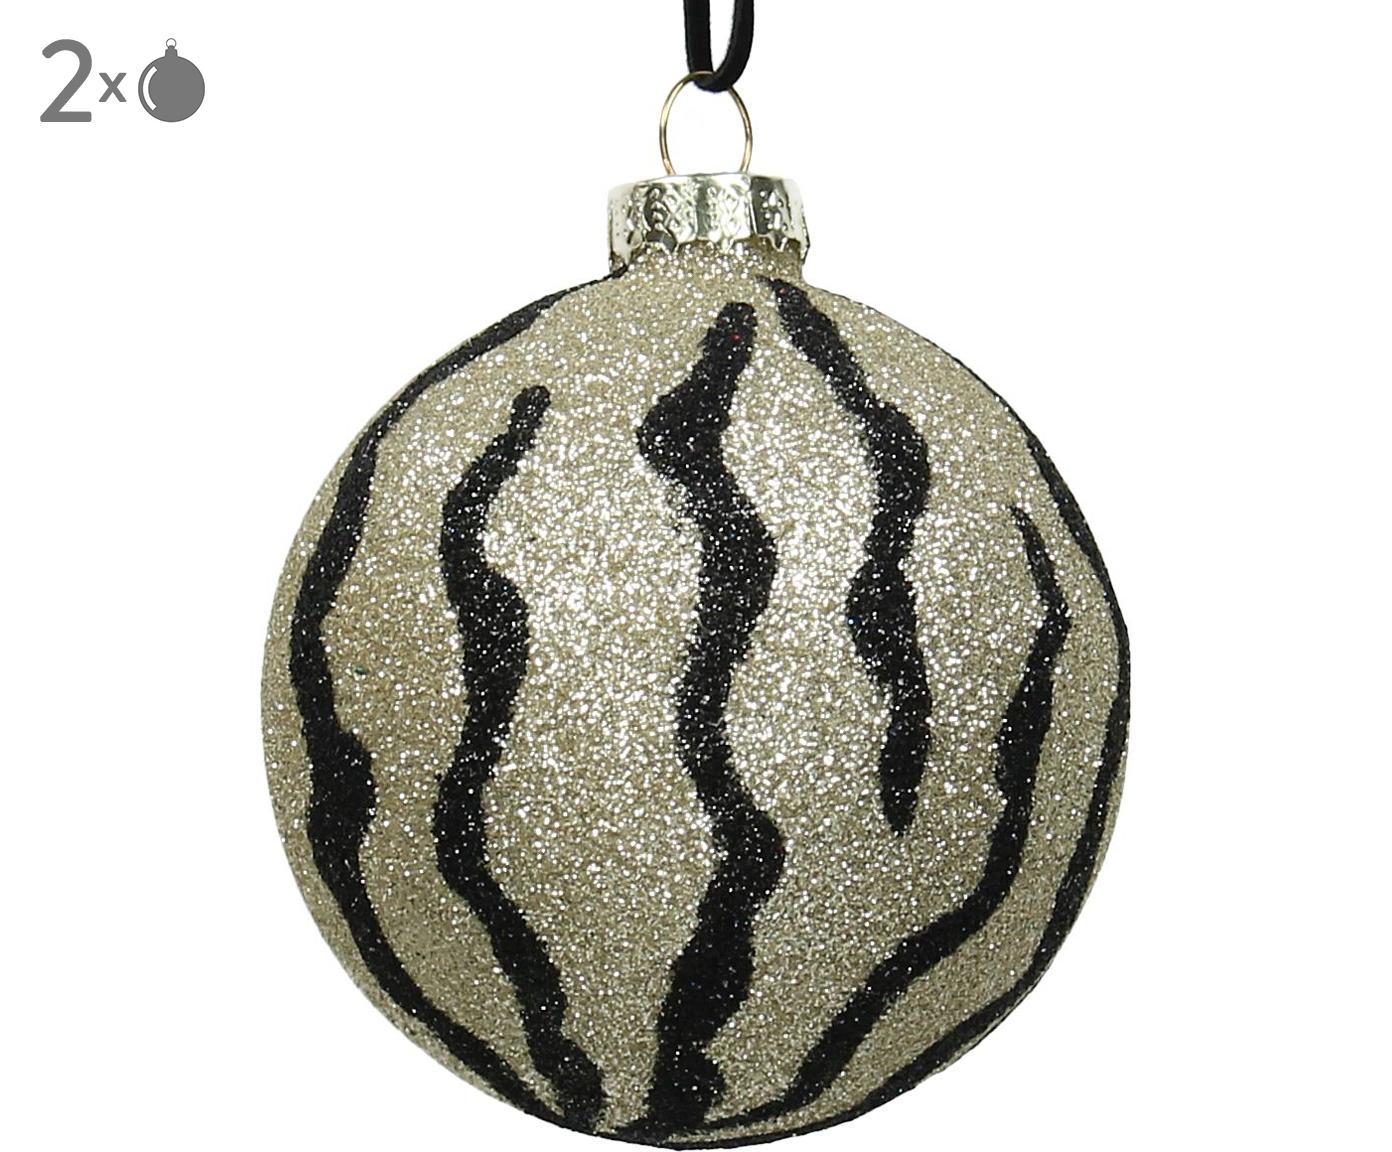 Kerstballen Larisa, 2 stuks, Goudkleurig, zwart, Ø 8 cm